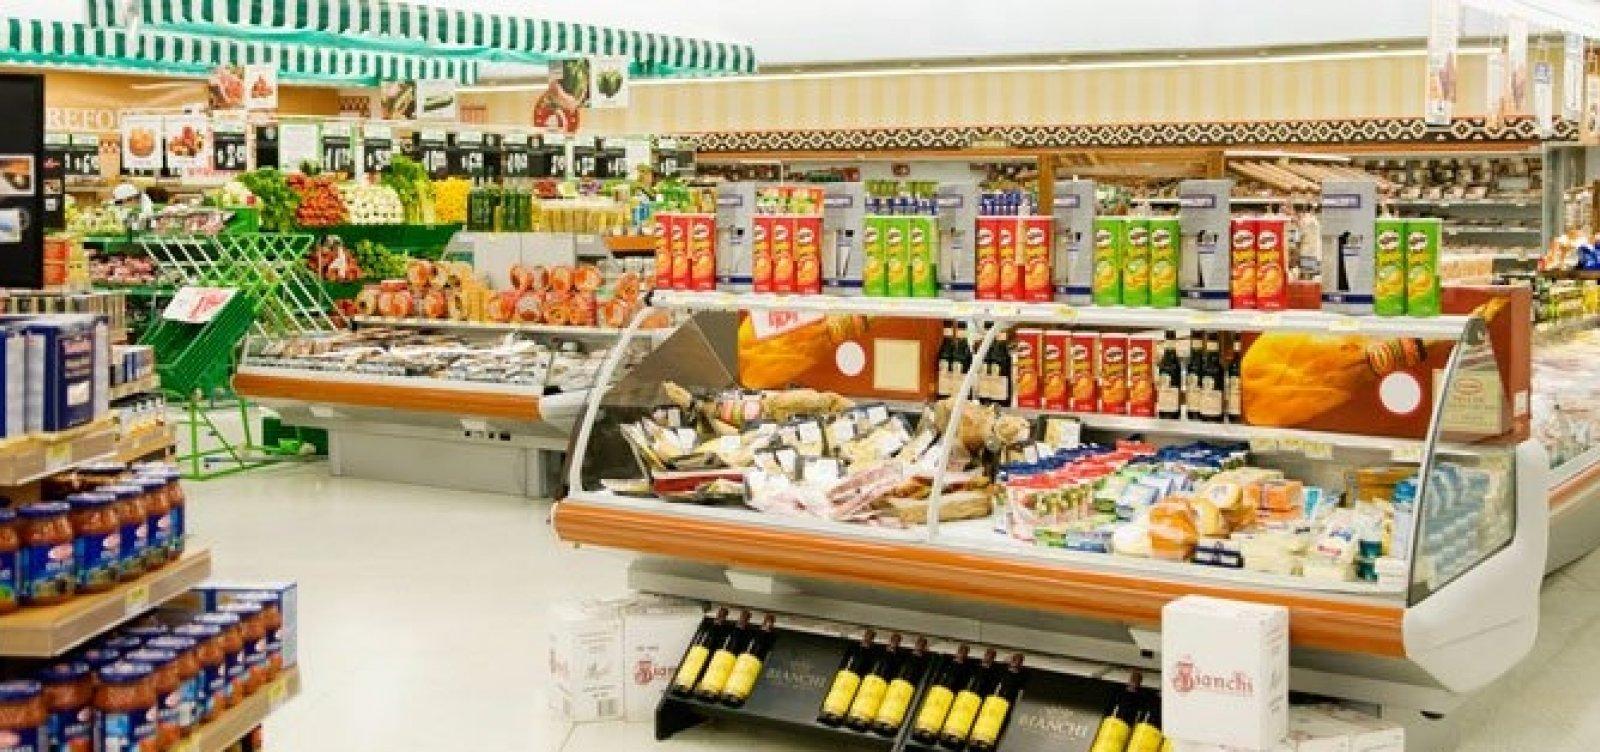 [IBGE aponta prévia da inflação oficial em 0,09% em setembro]